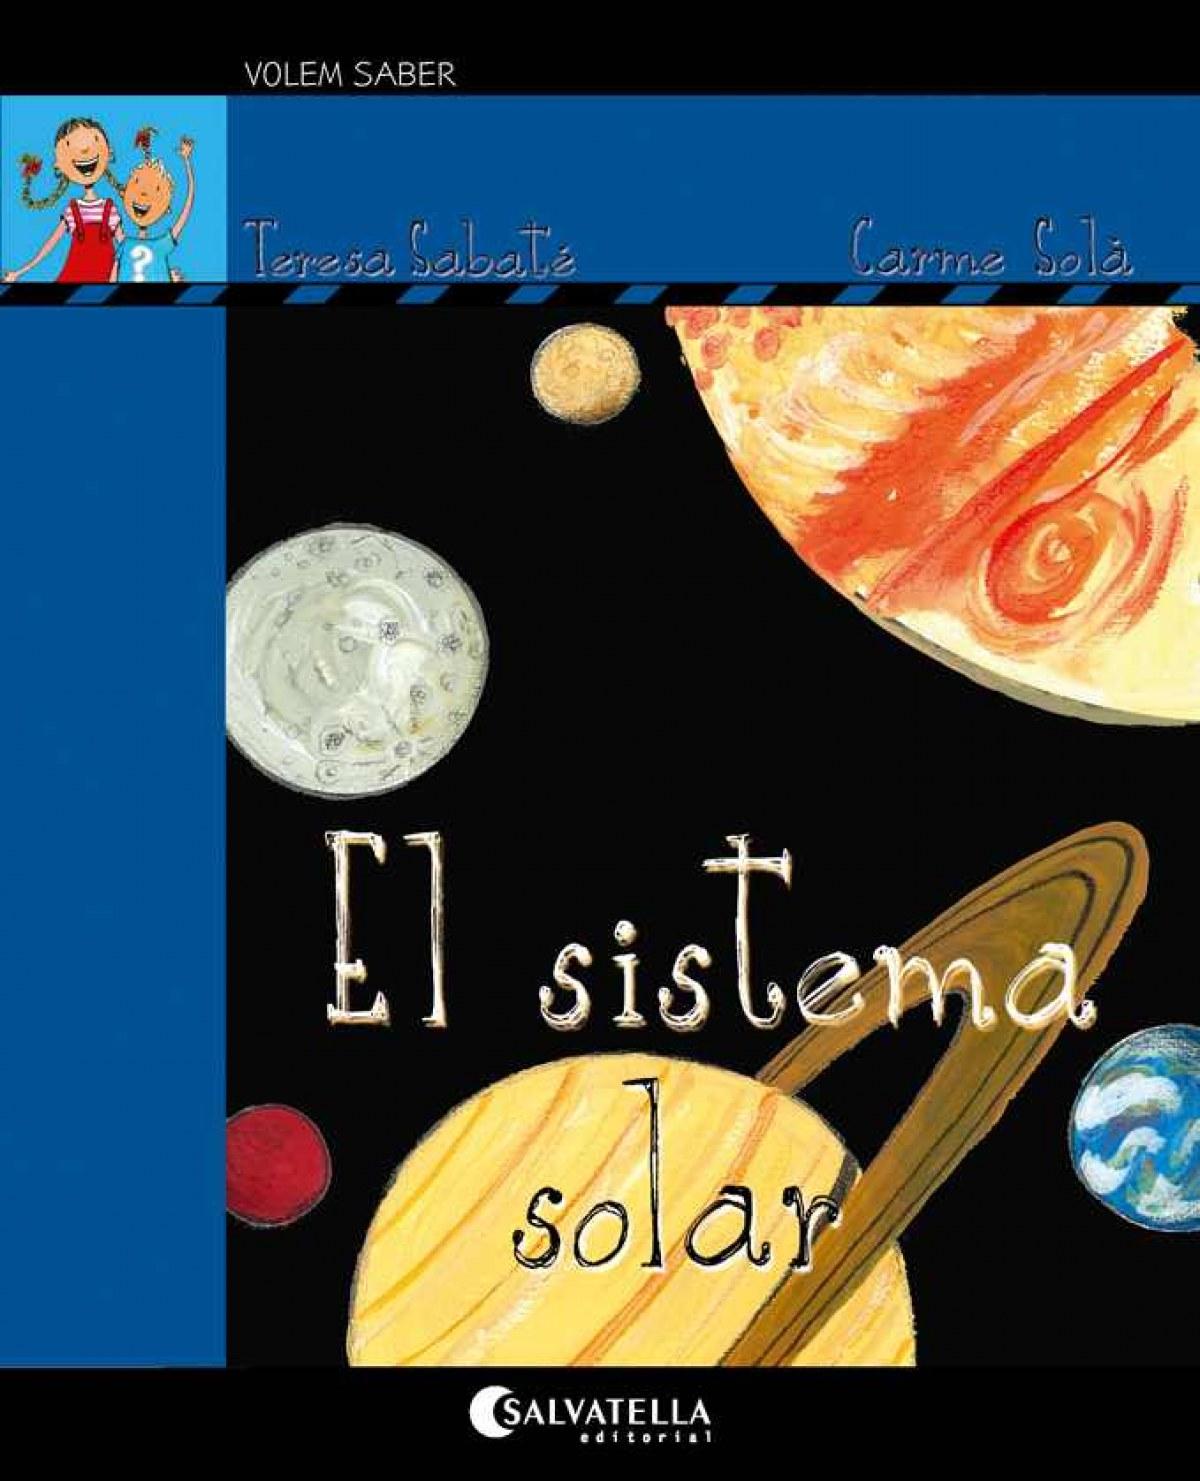 Volem saber 2-El sistema solar